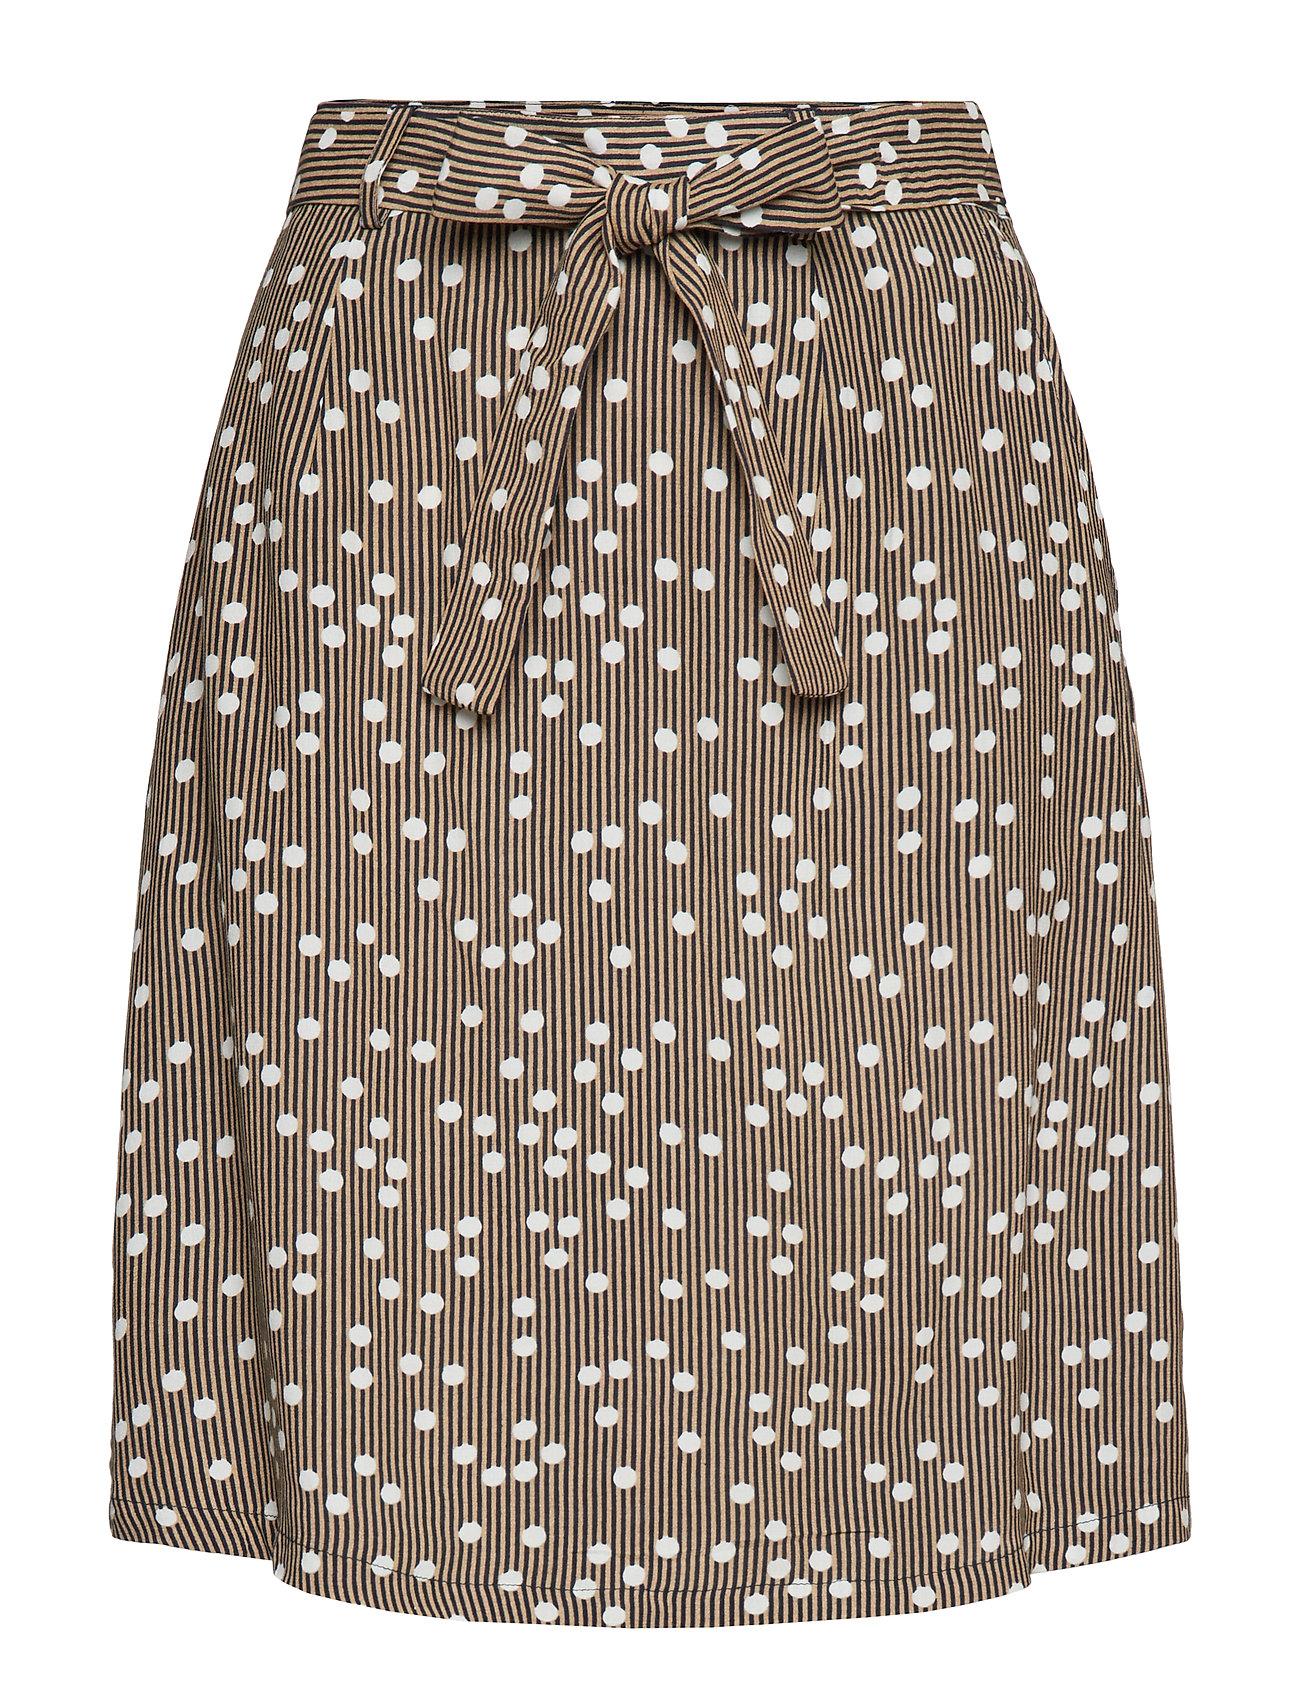 Image of Adaline Skirt Kort Nederdel Brun MINUS (3167855831)